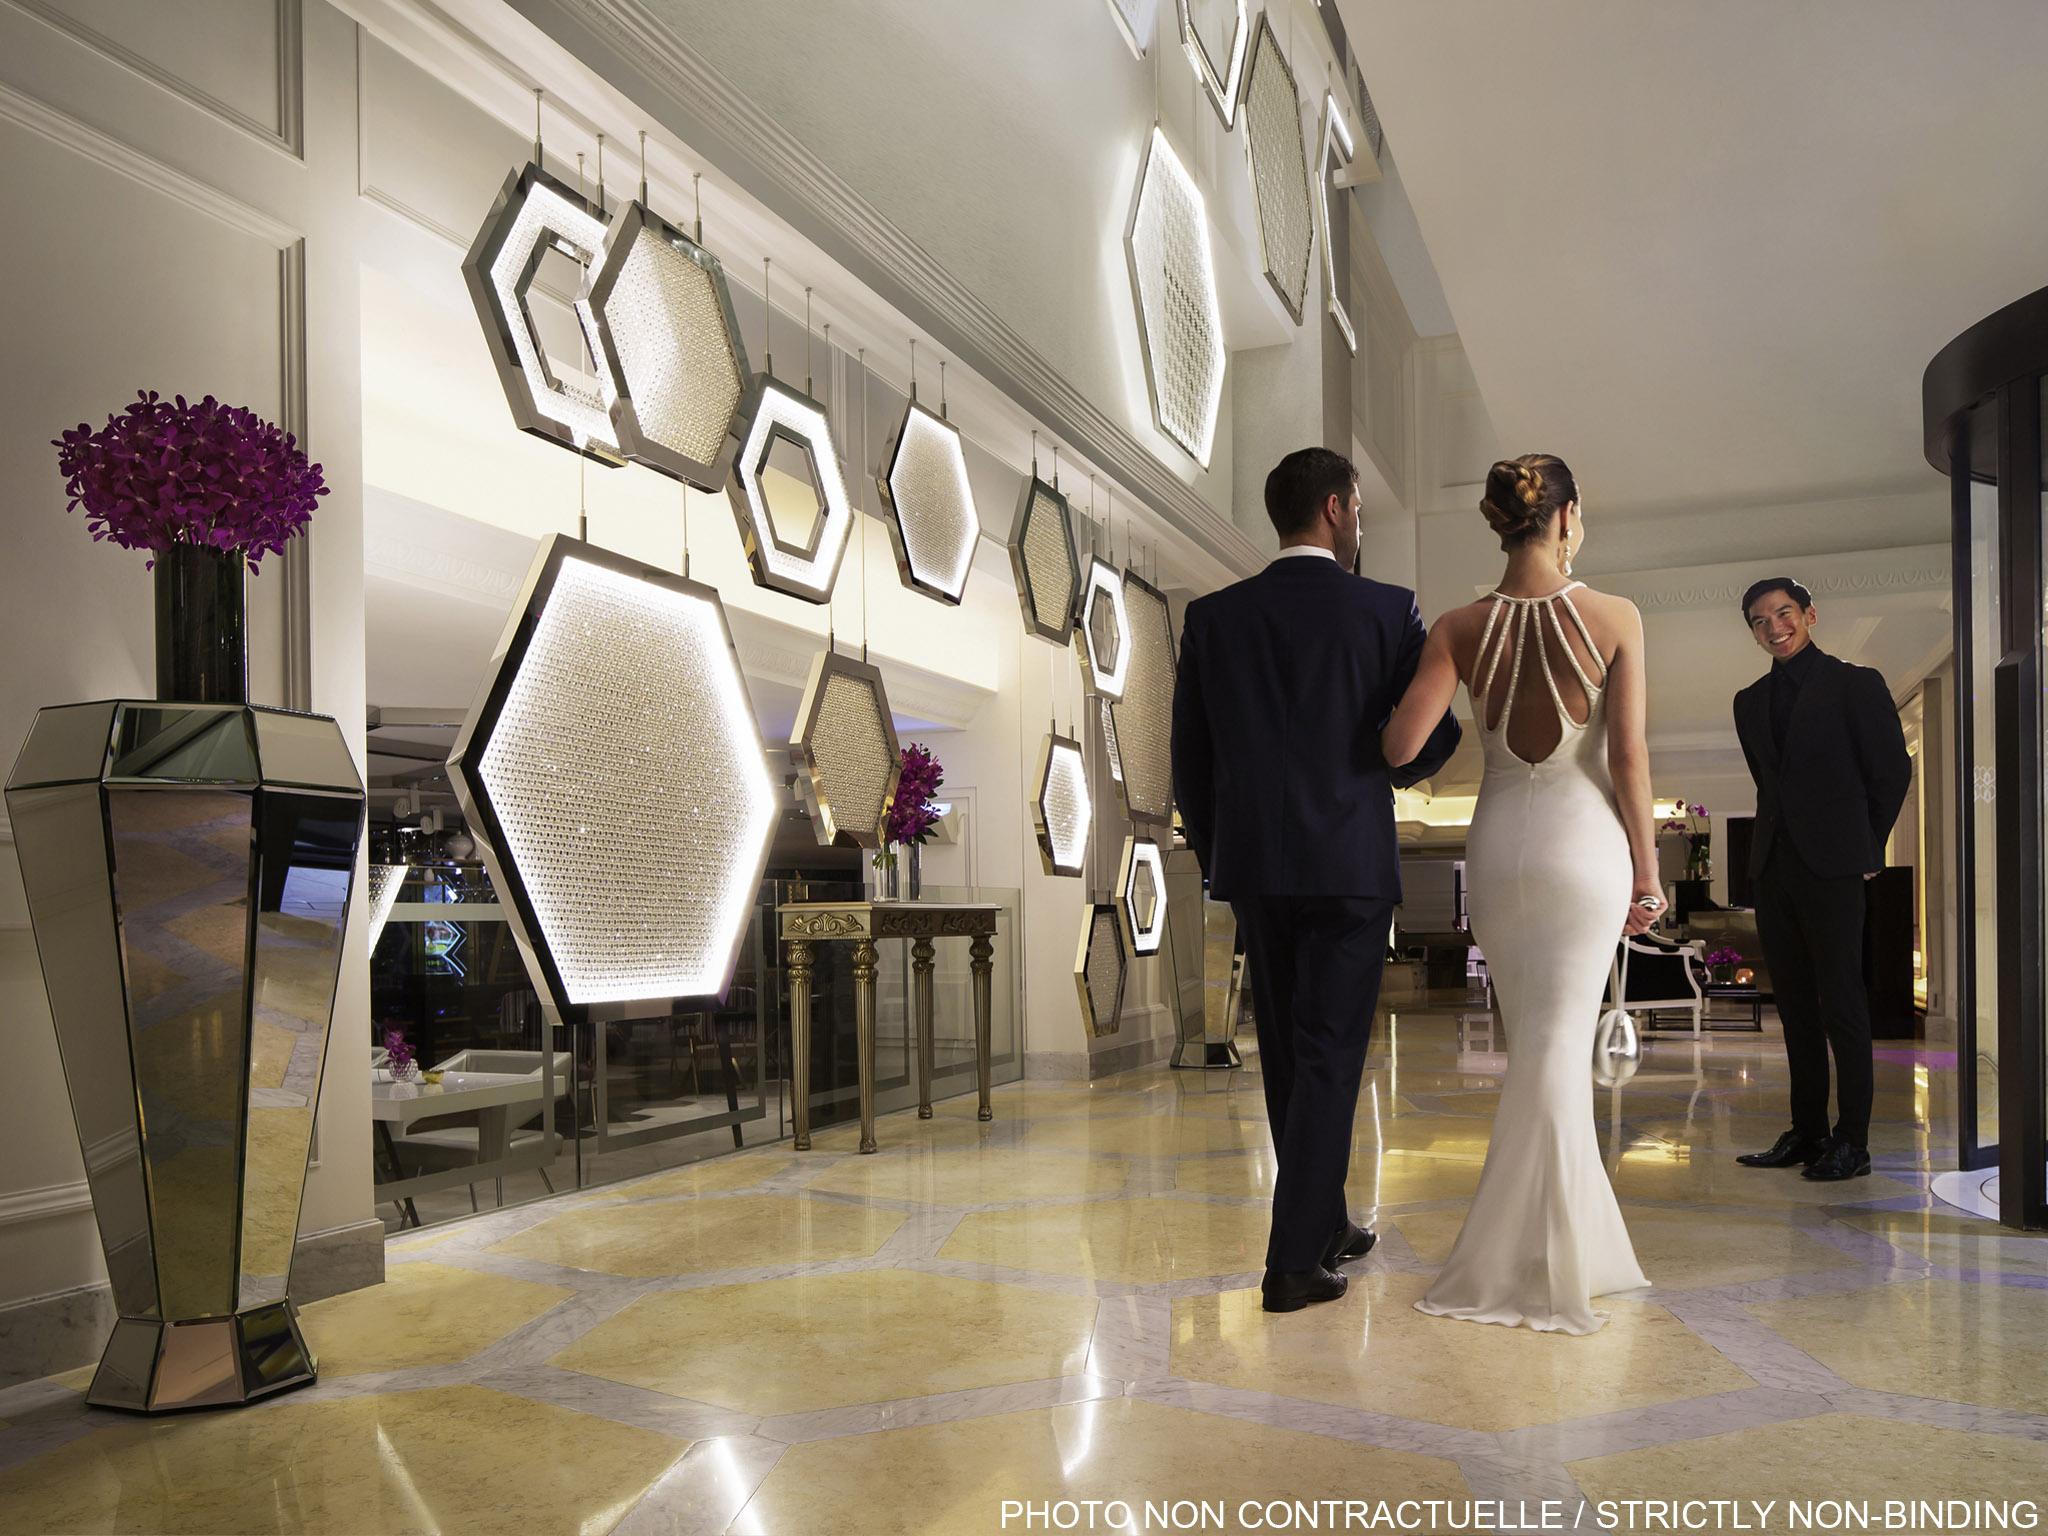 โรงแรม – โซ โซฟิเทล โอ๊คแลนด์ (เปิดให้บริการตุลาคม 2018)